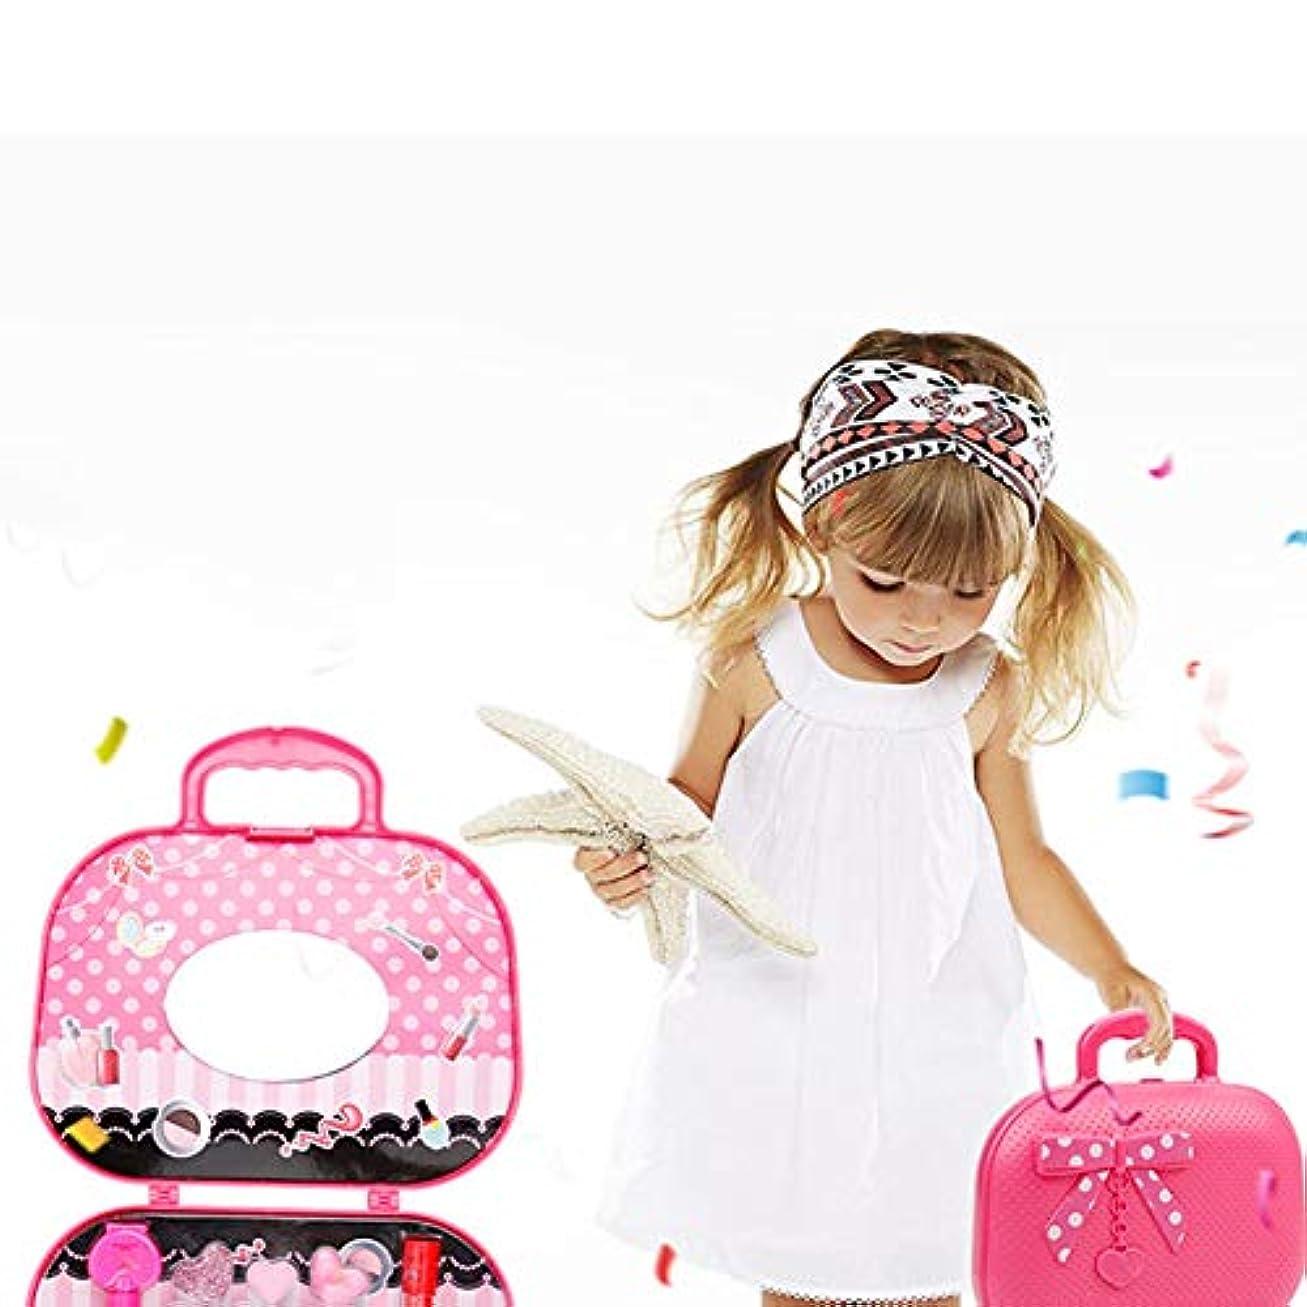 温度いう招待かわいいプリンセスふりメイクセットキッズガールズシミュレーション口紅子供のおもちゃ - ピンク